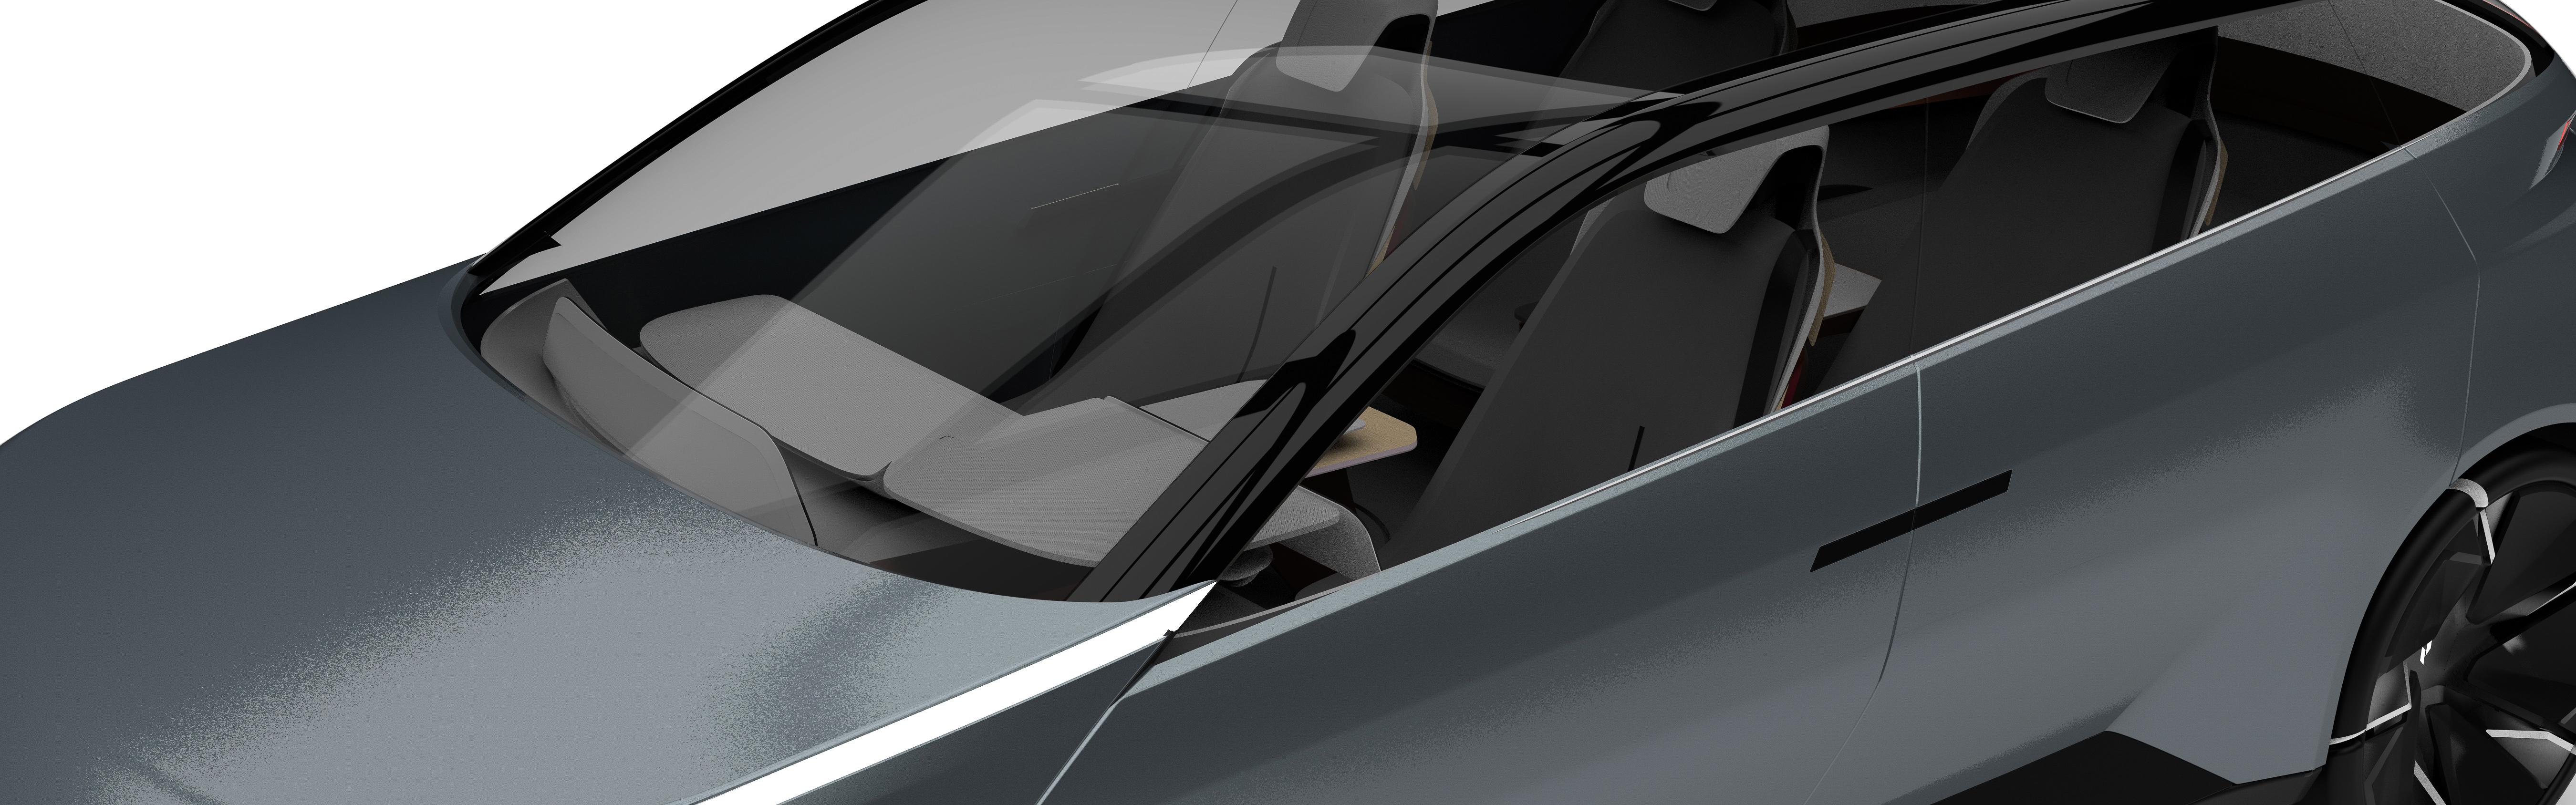 Concept Vehicle Angle 2 - Closeup